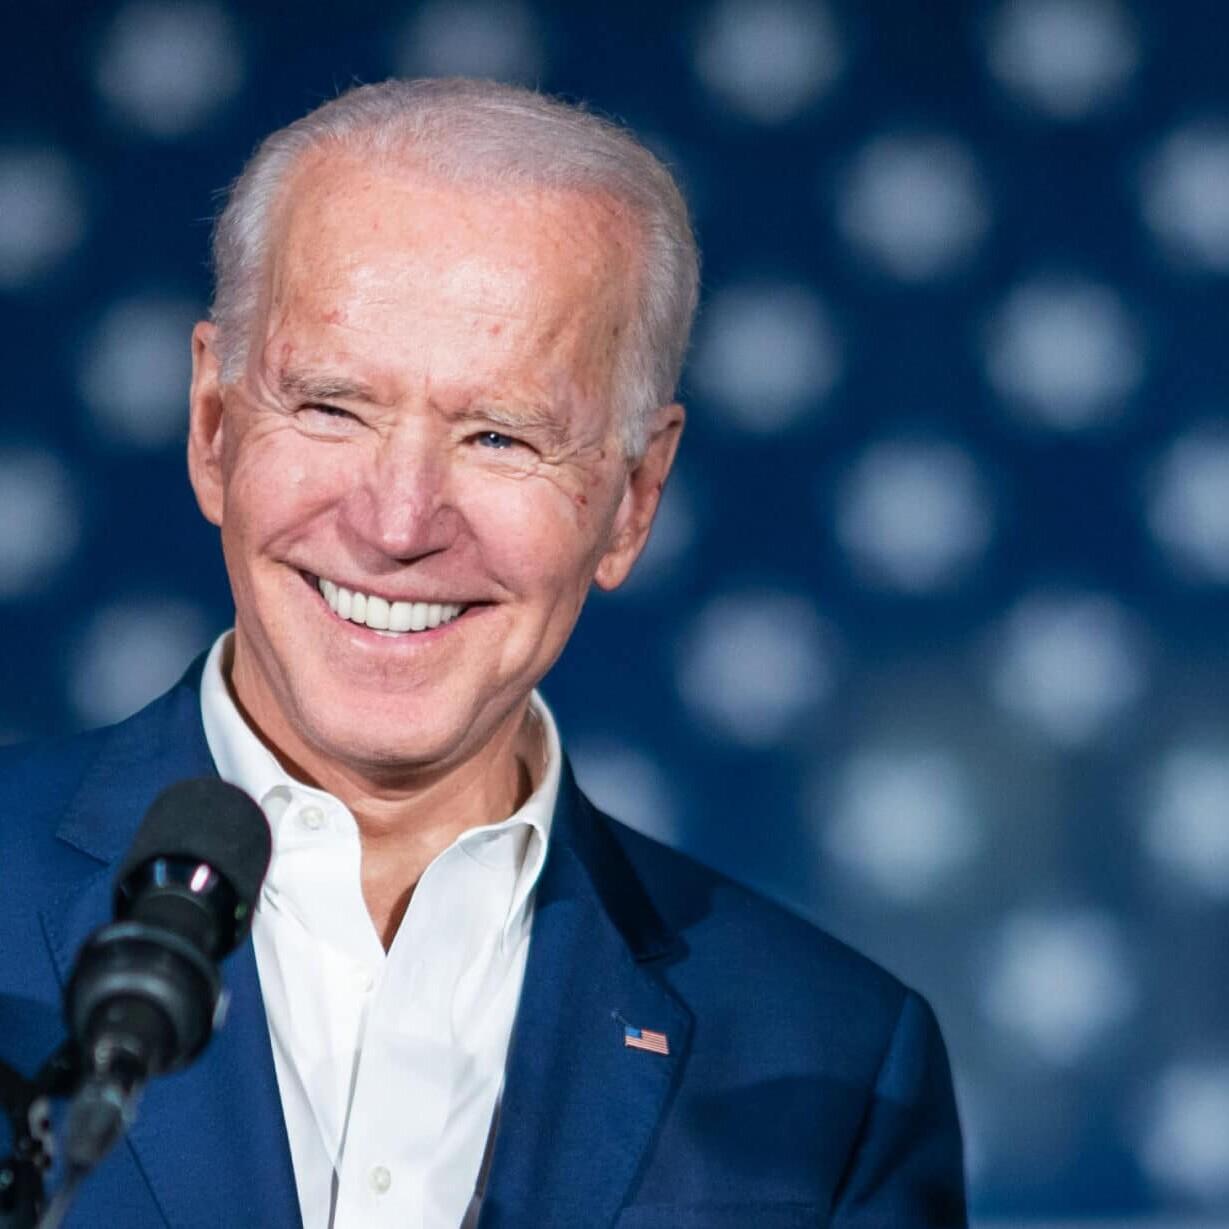 Cina Policy: quale sarà la prima mossa di Biden?